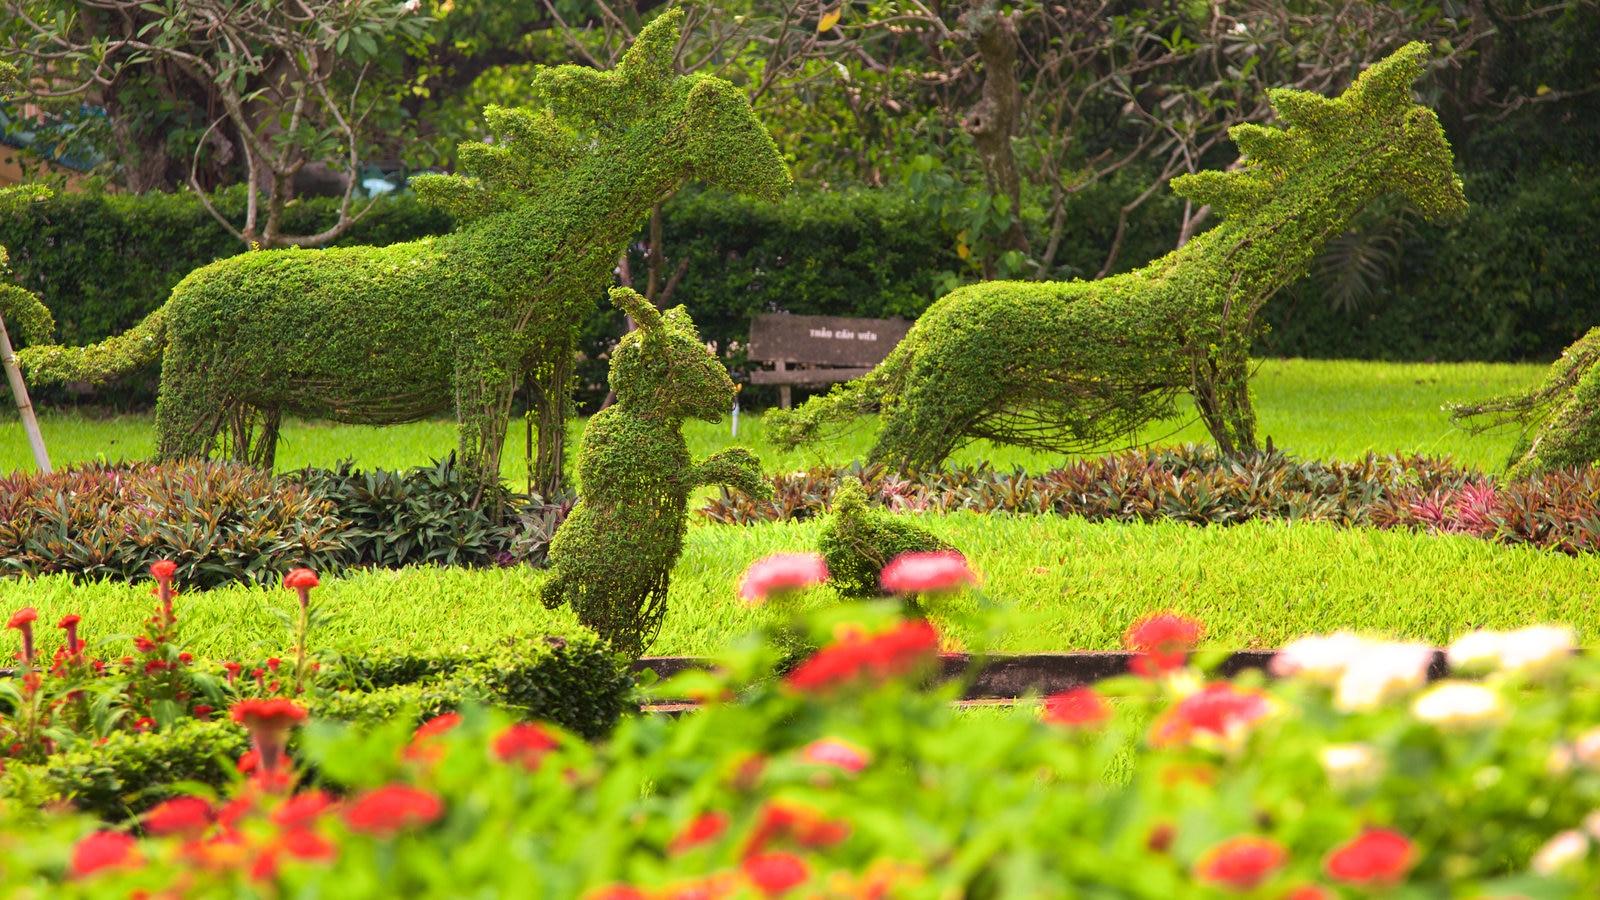 Saigon Zoo And Botanic Garden Pictures View Photos: garden city zoo